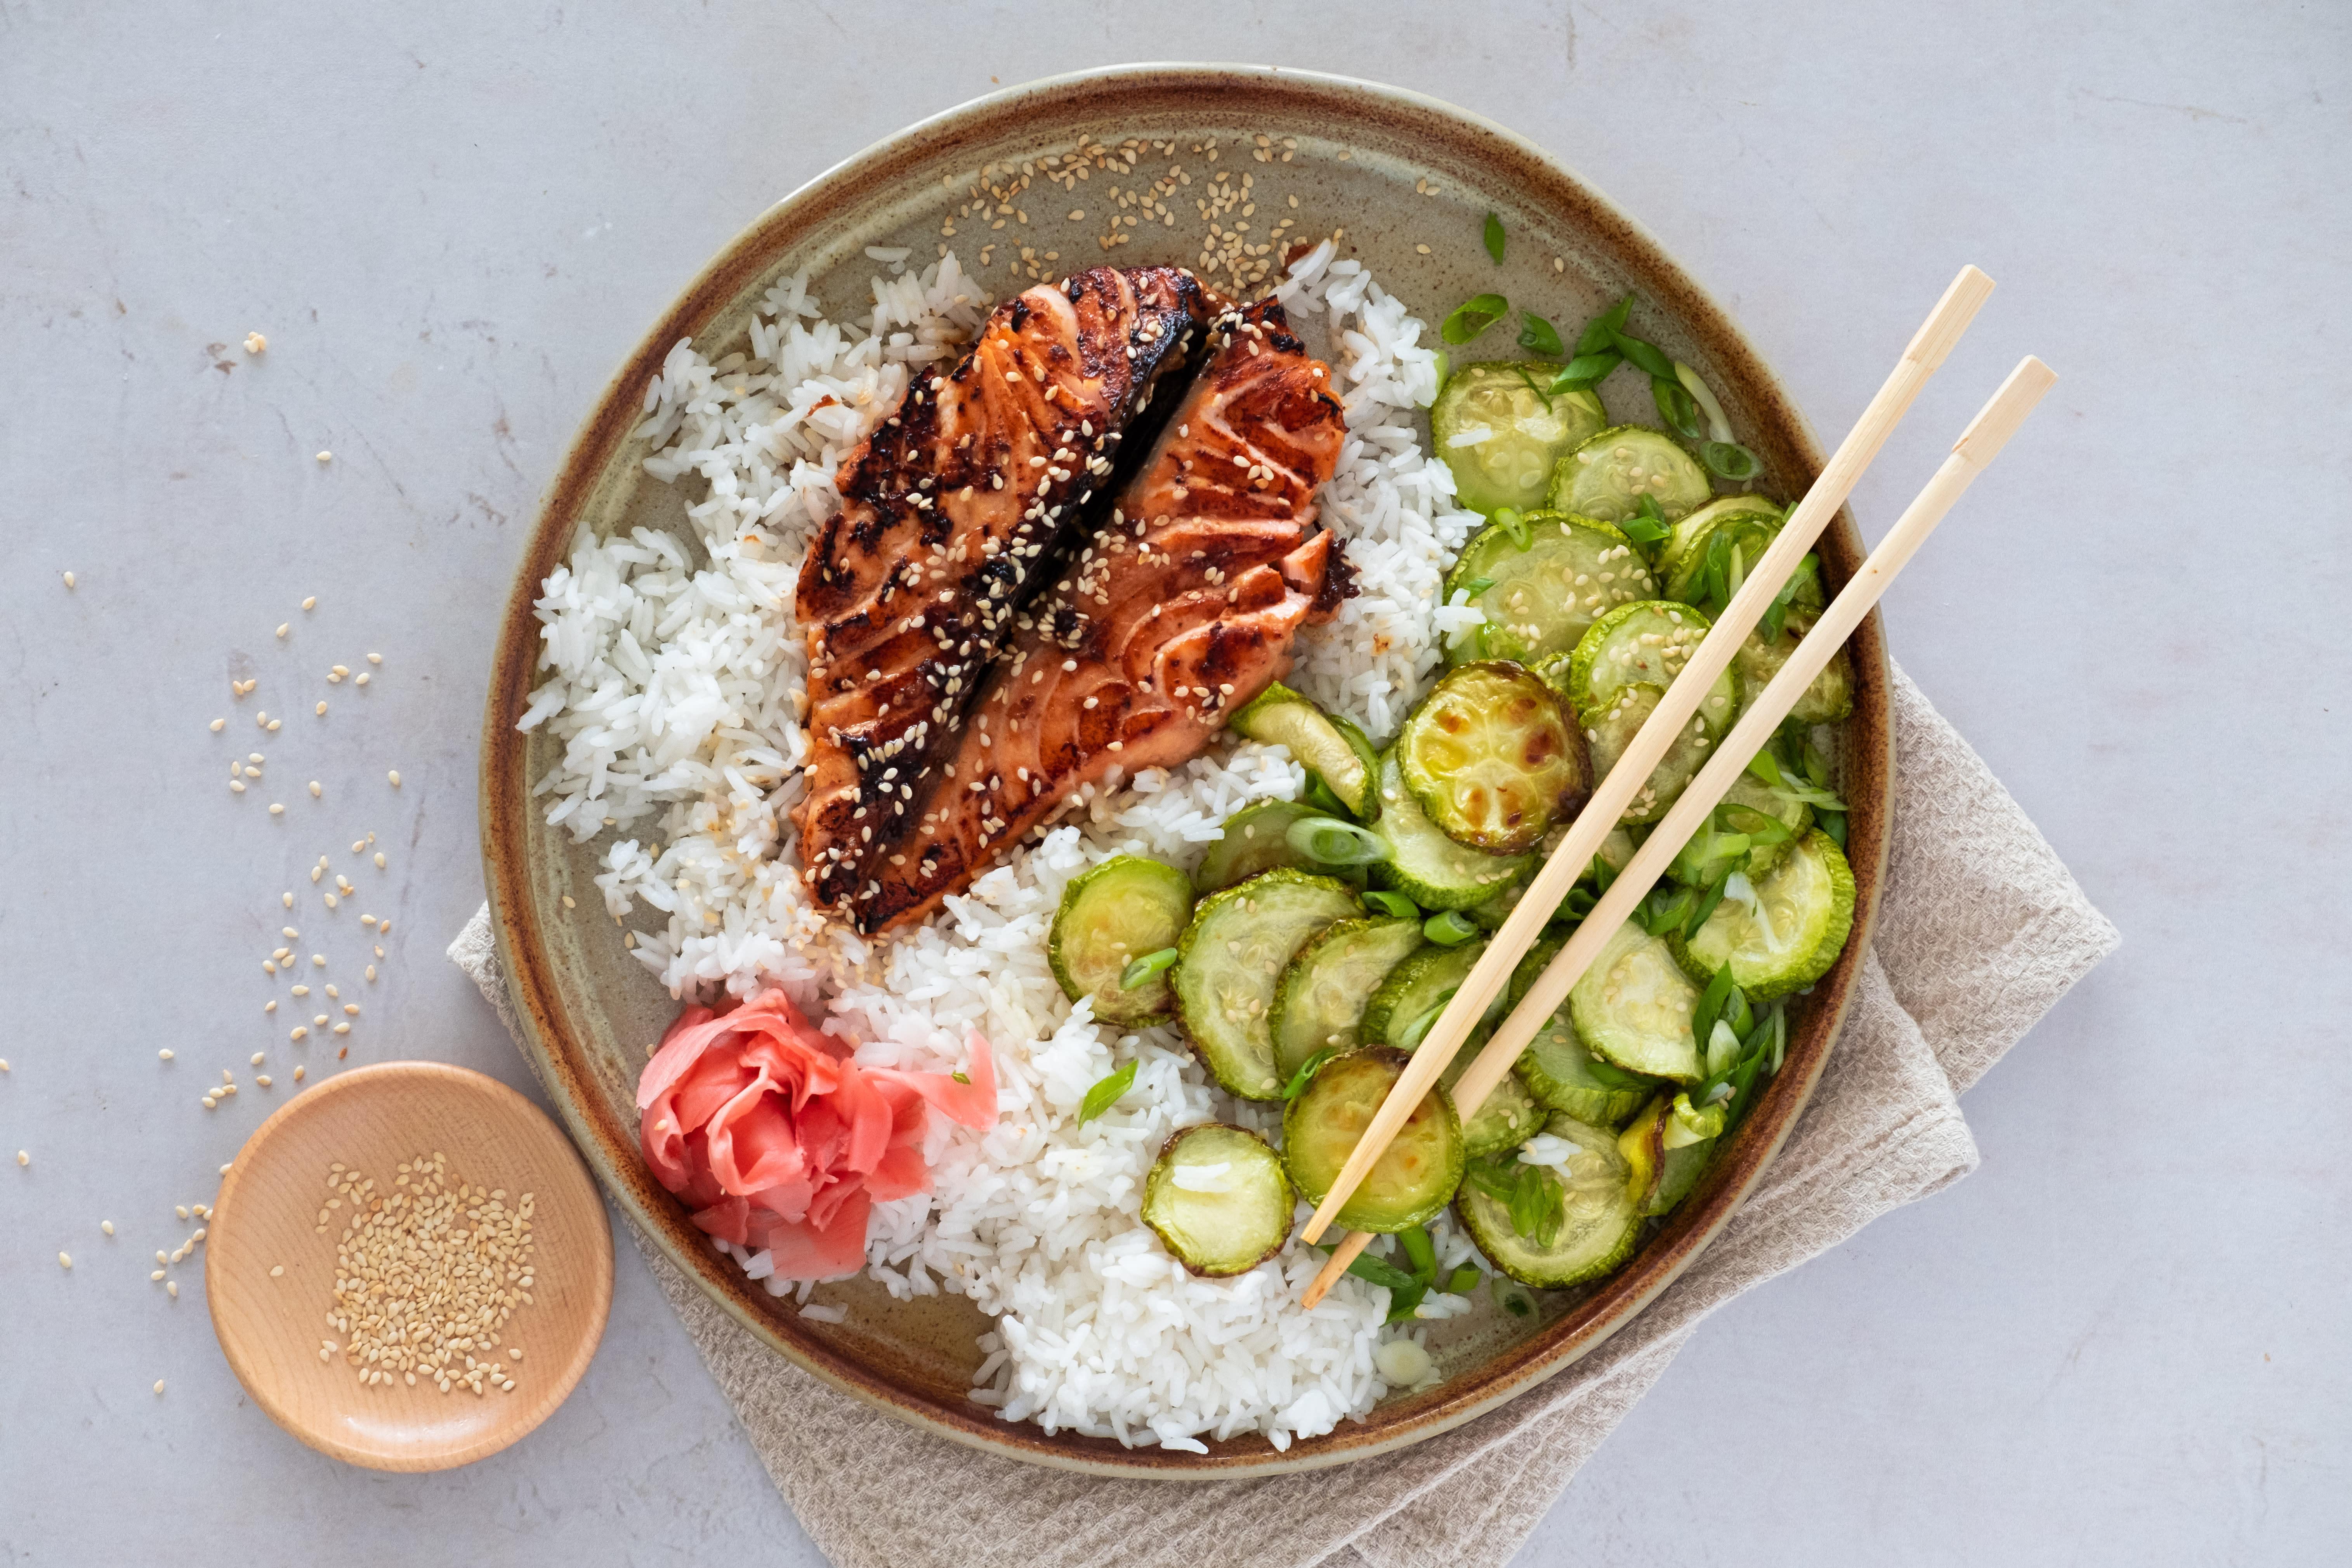 Teriyaki Salmon with Toasted Sesame Seeds and Rice